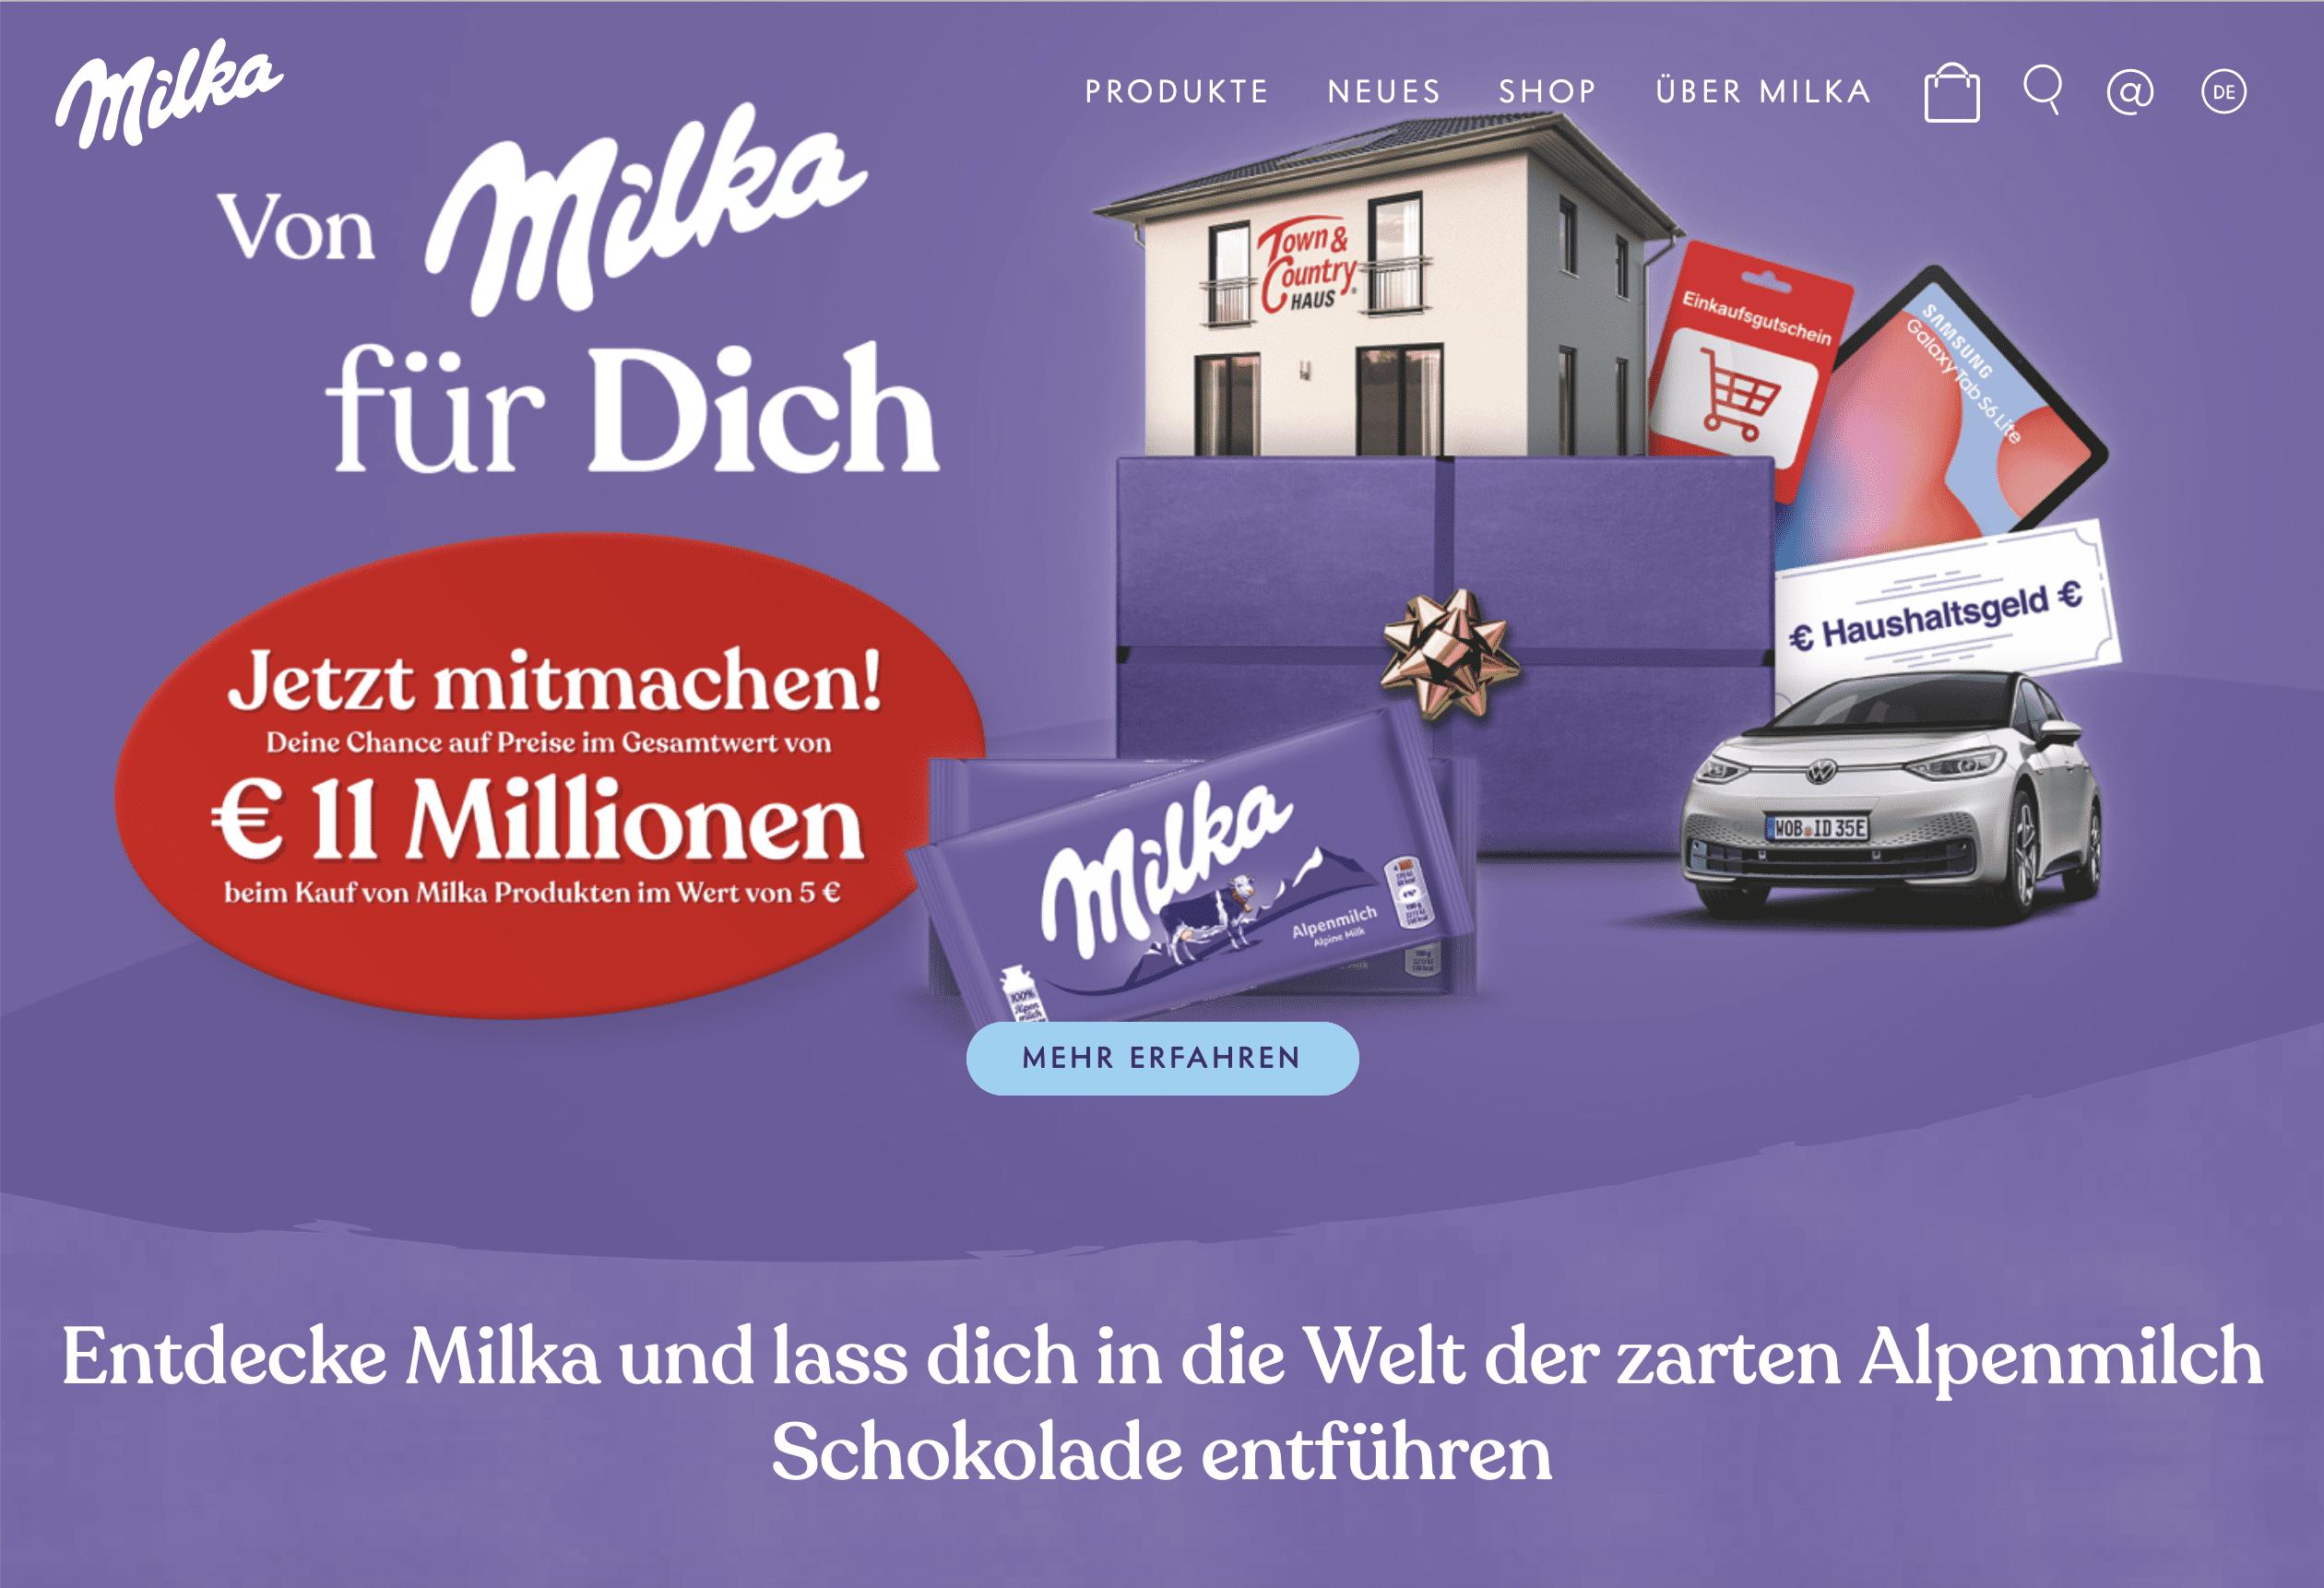 Gewinnspiel- Cases FMCG Süßwaren & Snacks Milka